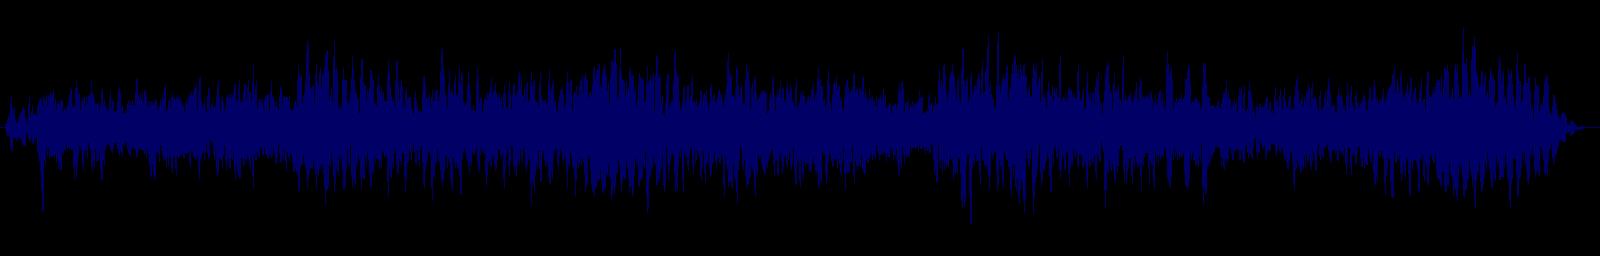 waveform of track #98643